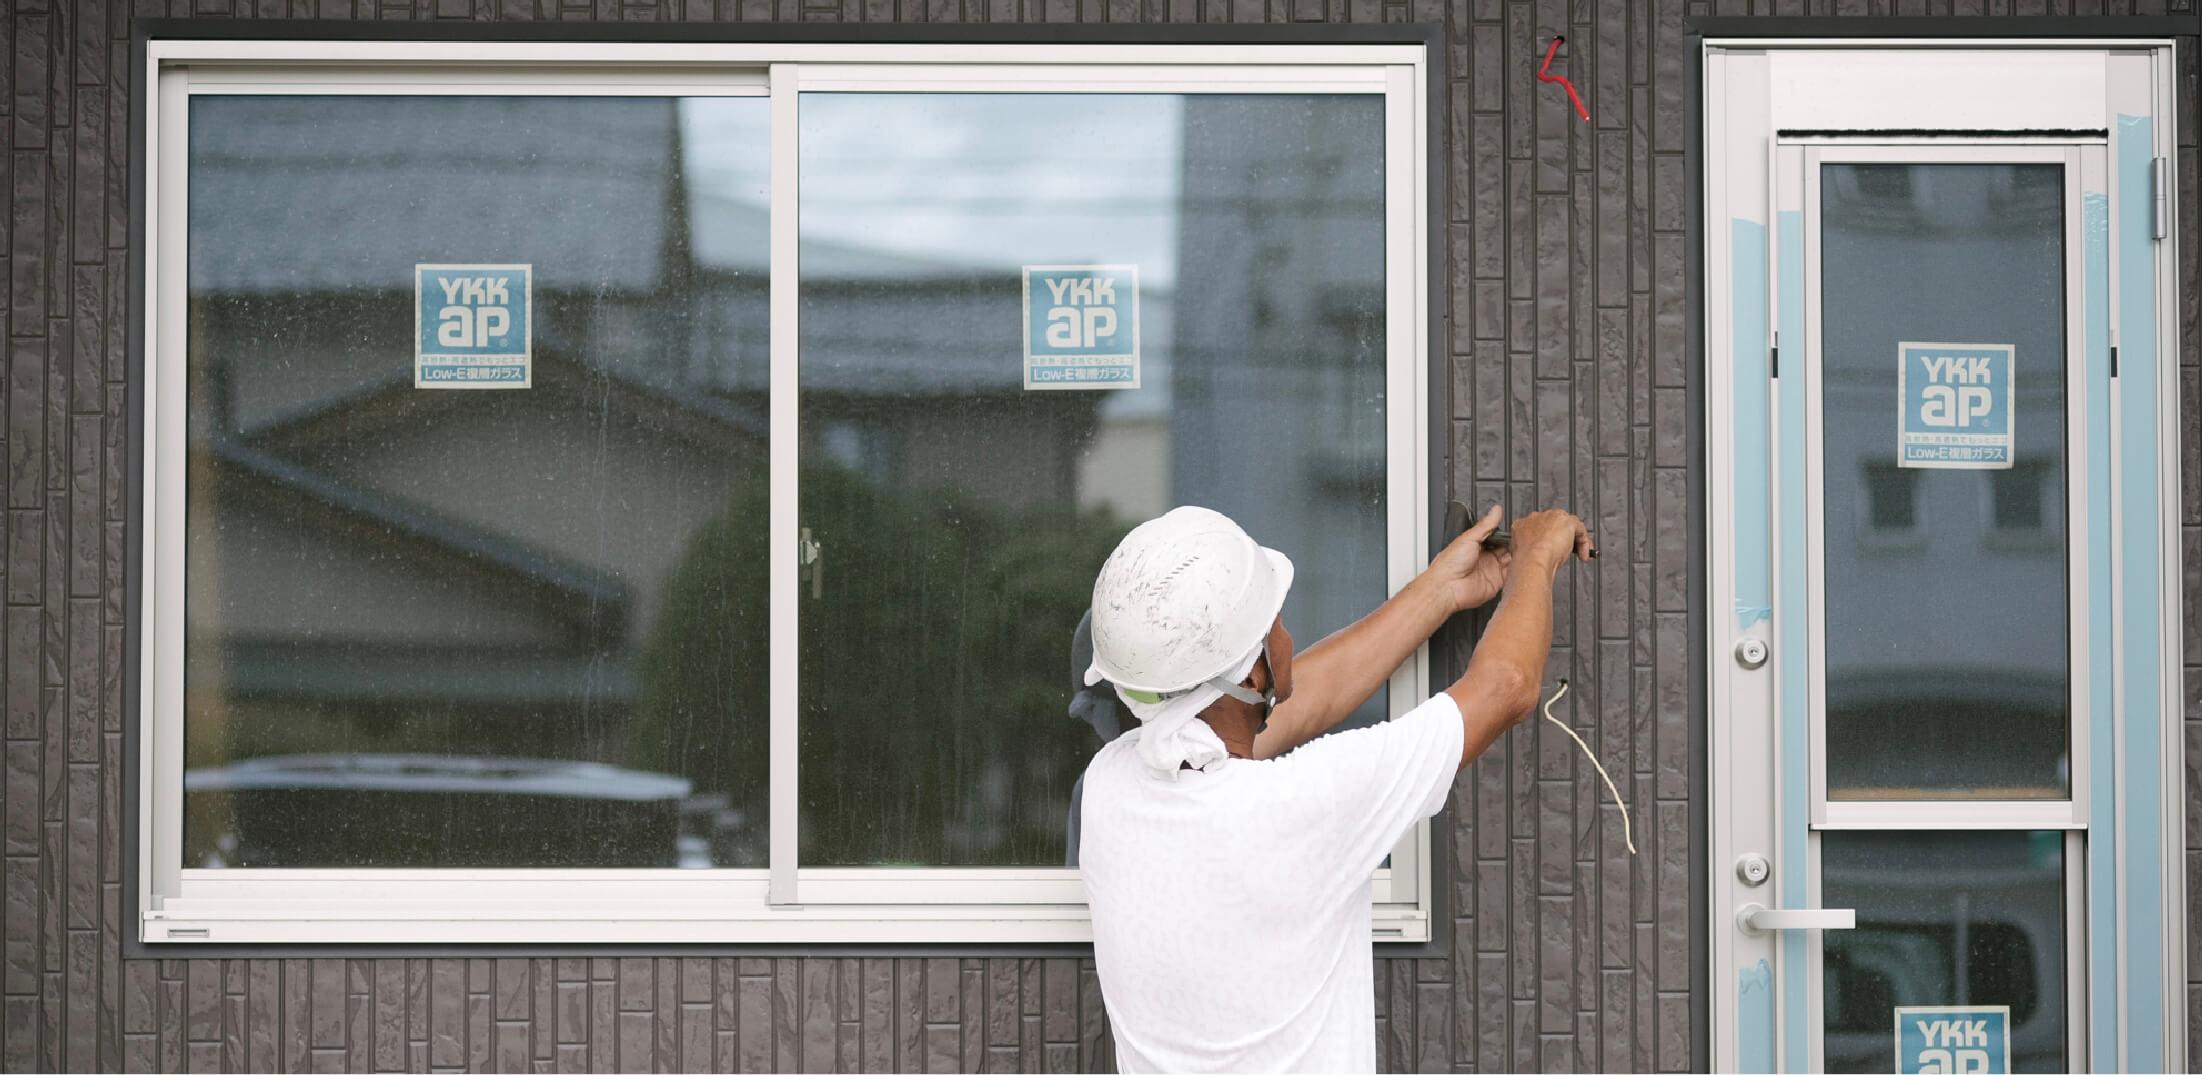 屋根や外壁の塗装が剥がれている